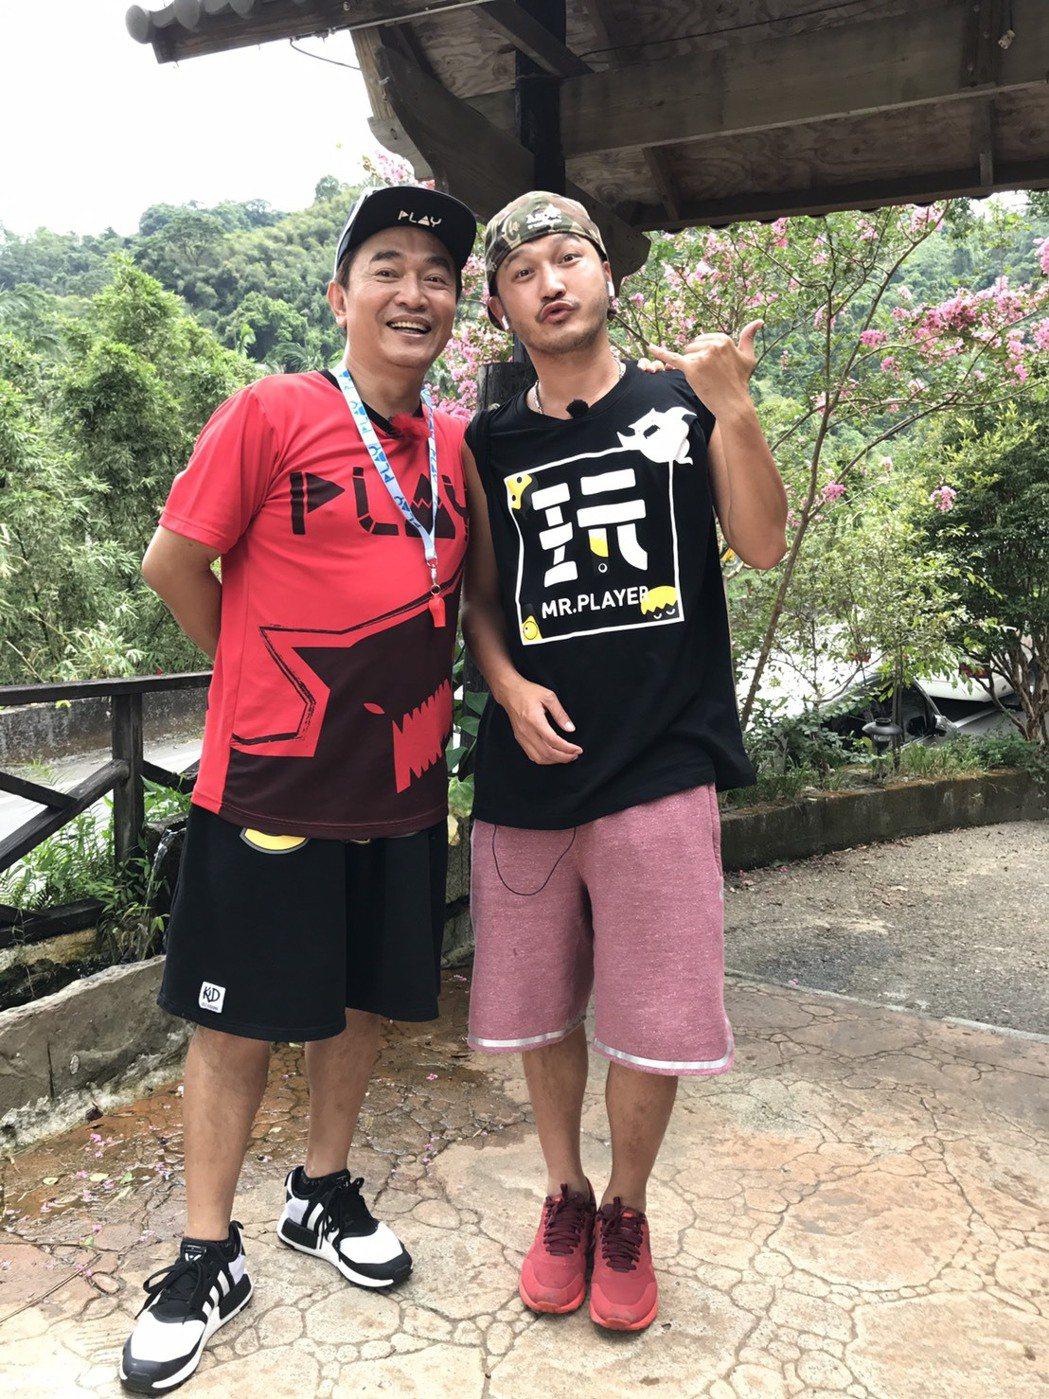 Kid(右)因為吳宗憲,終於可以走金鐘獎紅地毯,開心說要脫光光。記者葉君遠/攝影